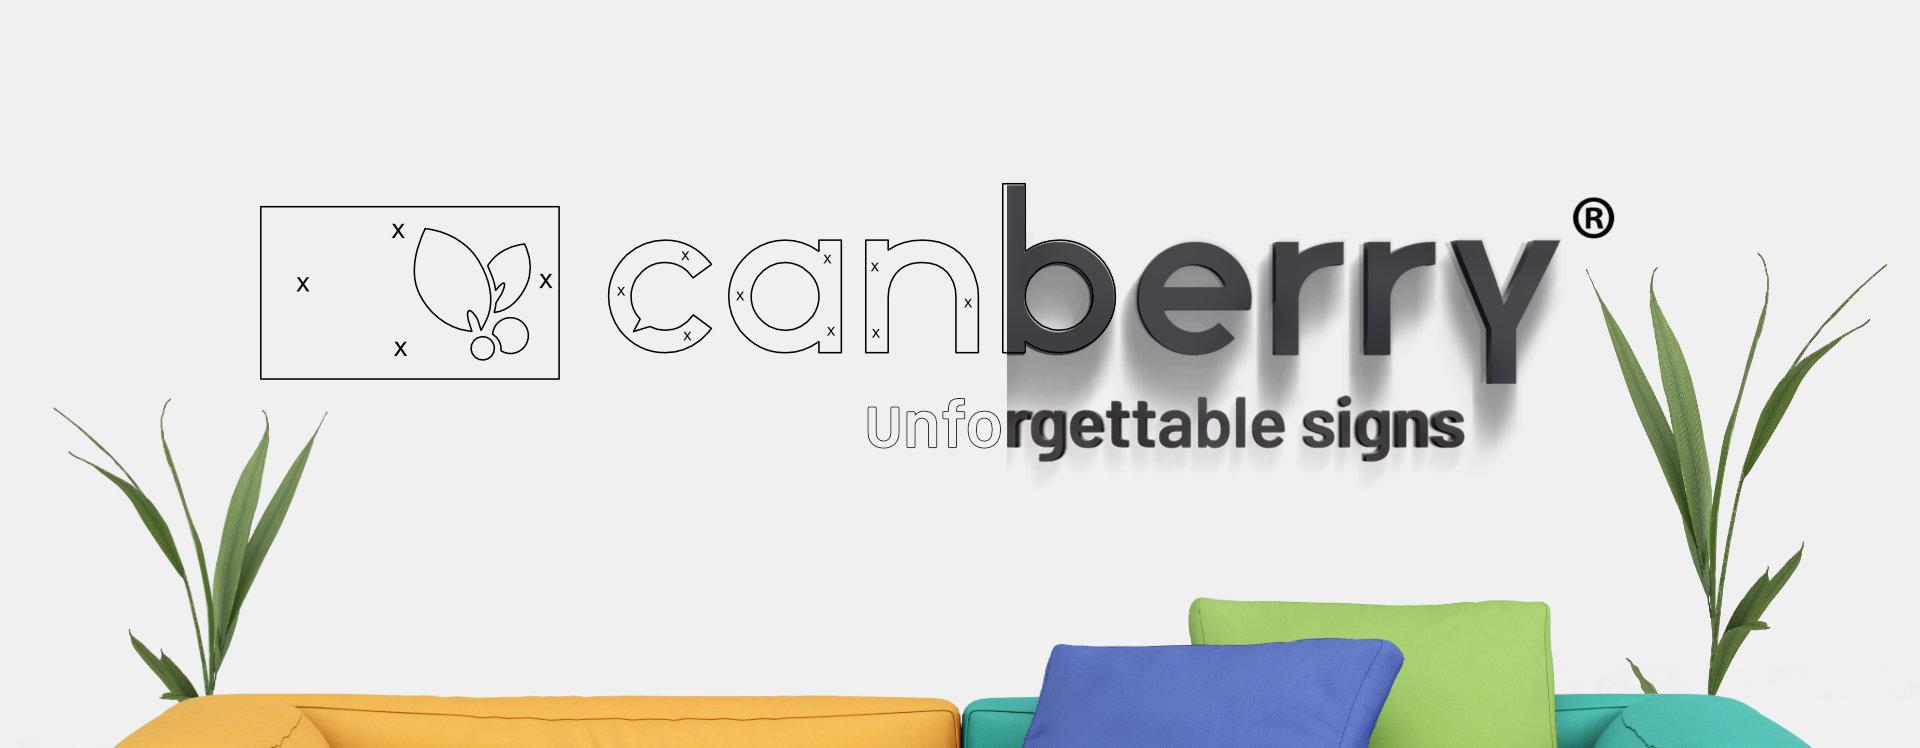 werbeanlage-acrylglas-models-3dbuchstabe-canberry-firmenschild-buero_2